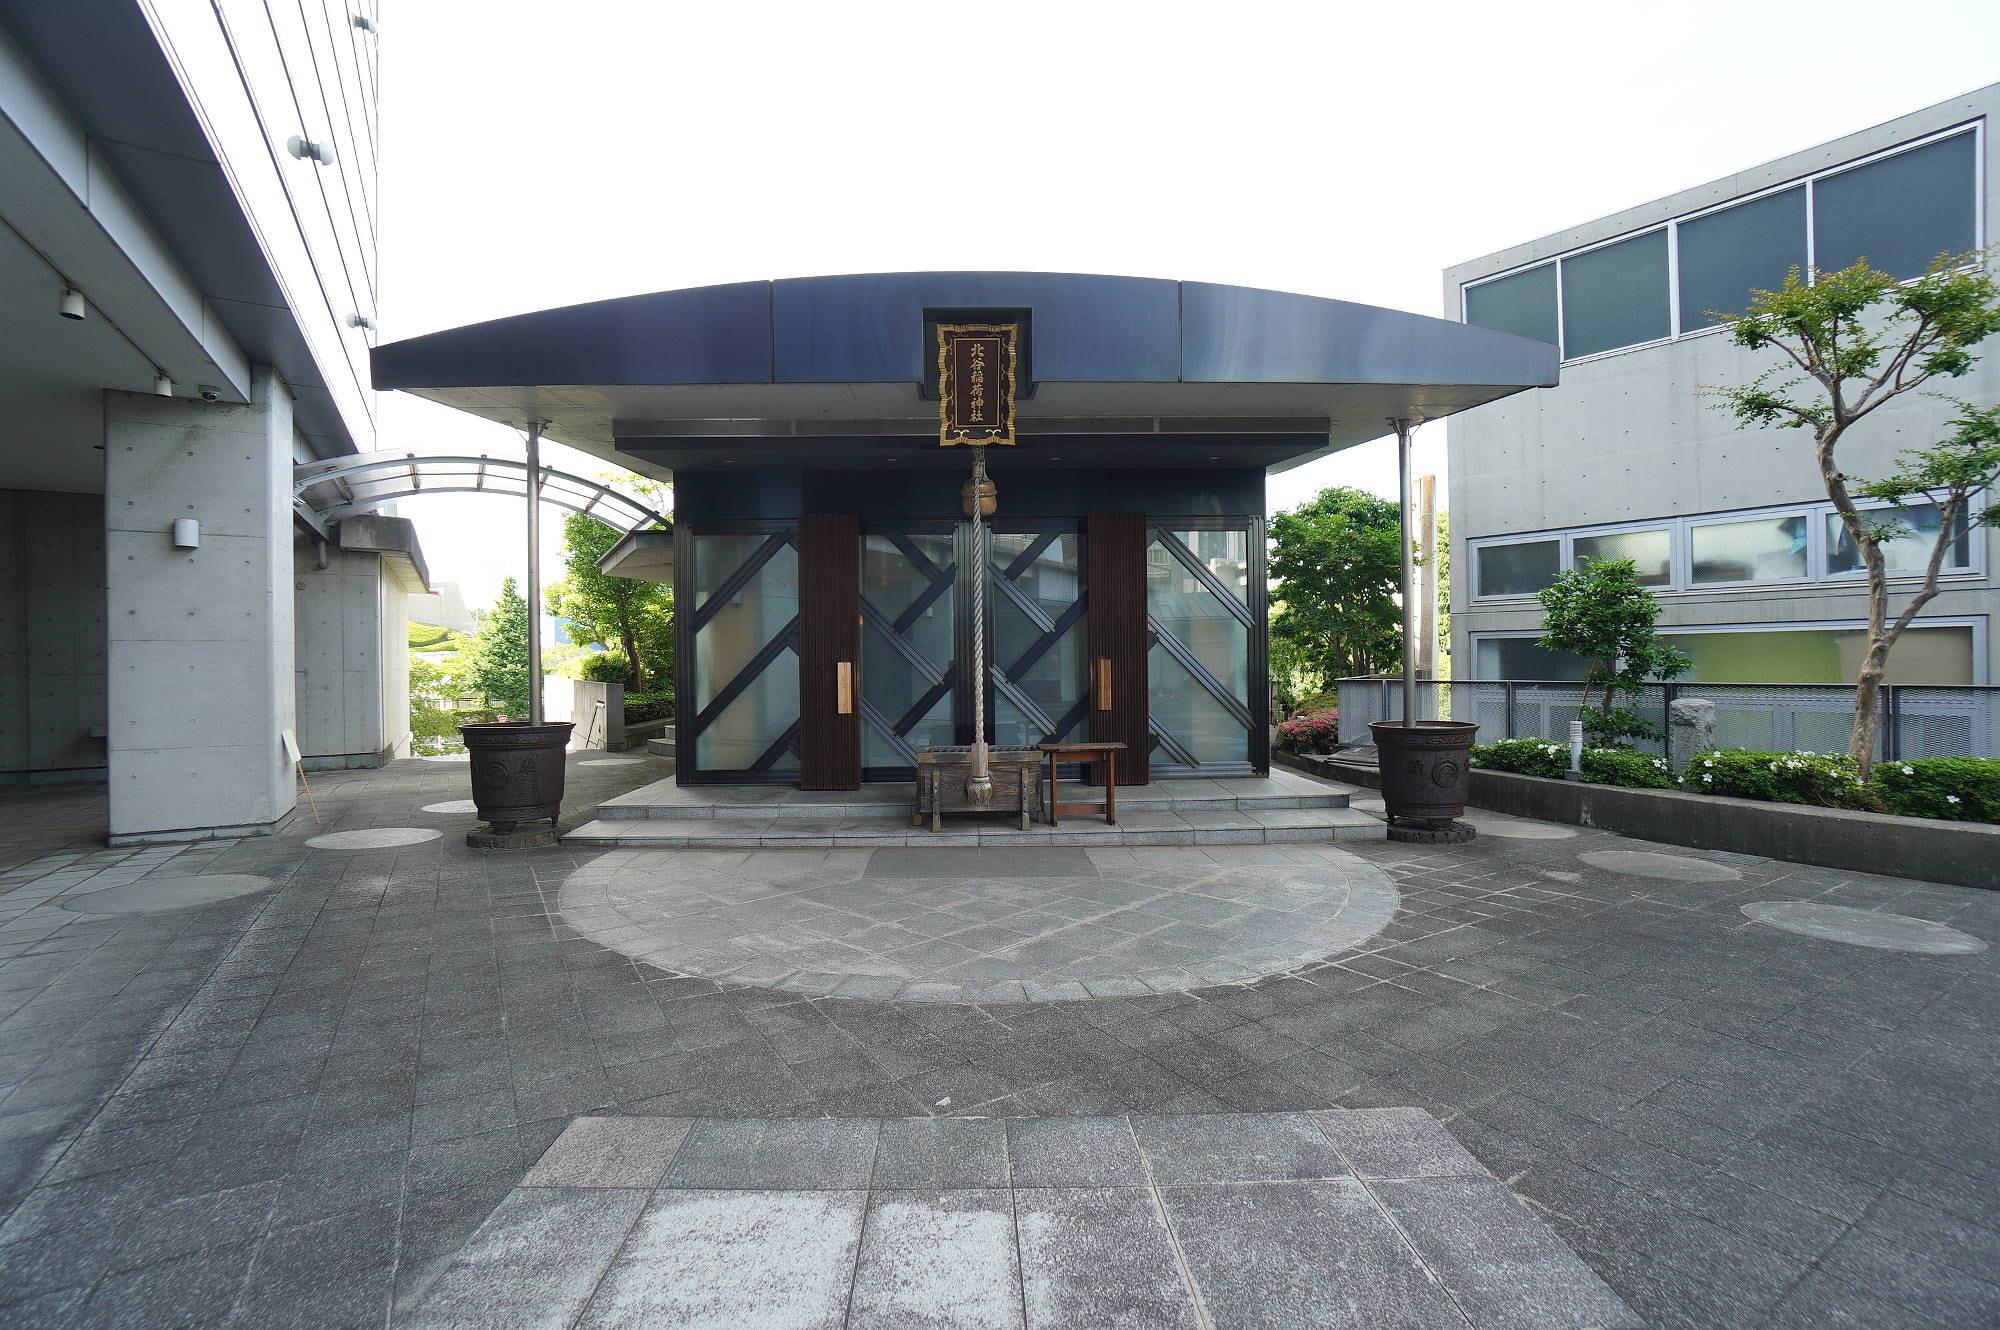 北谷稲荷神社の本殿(社殿)